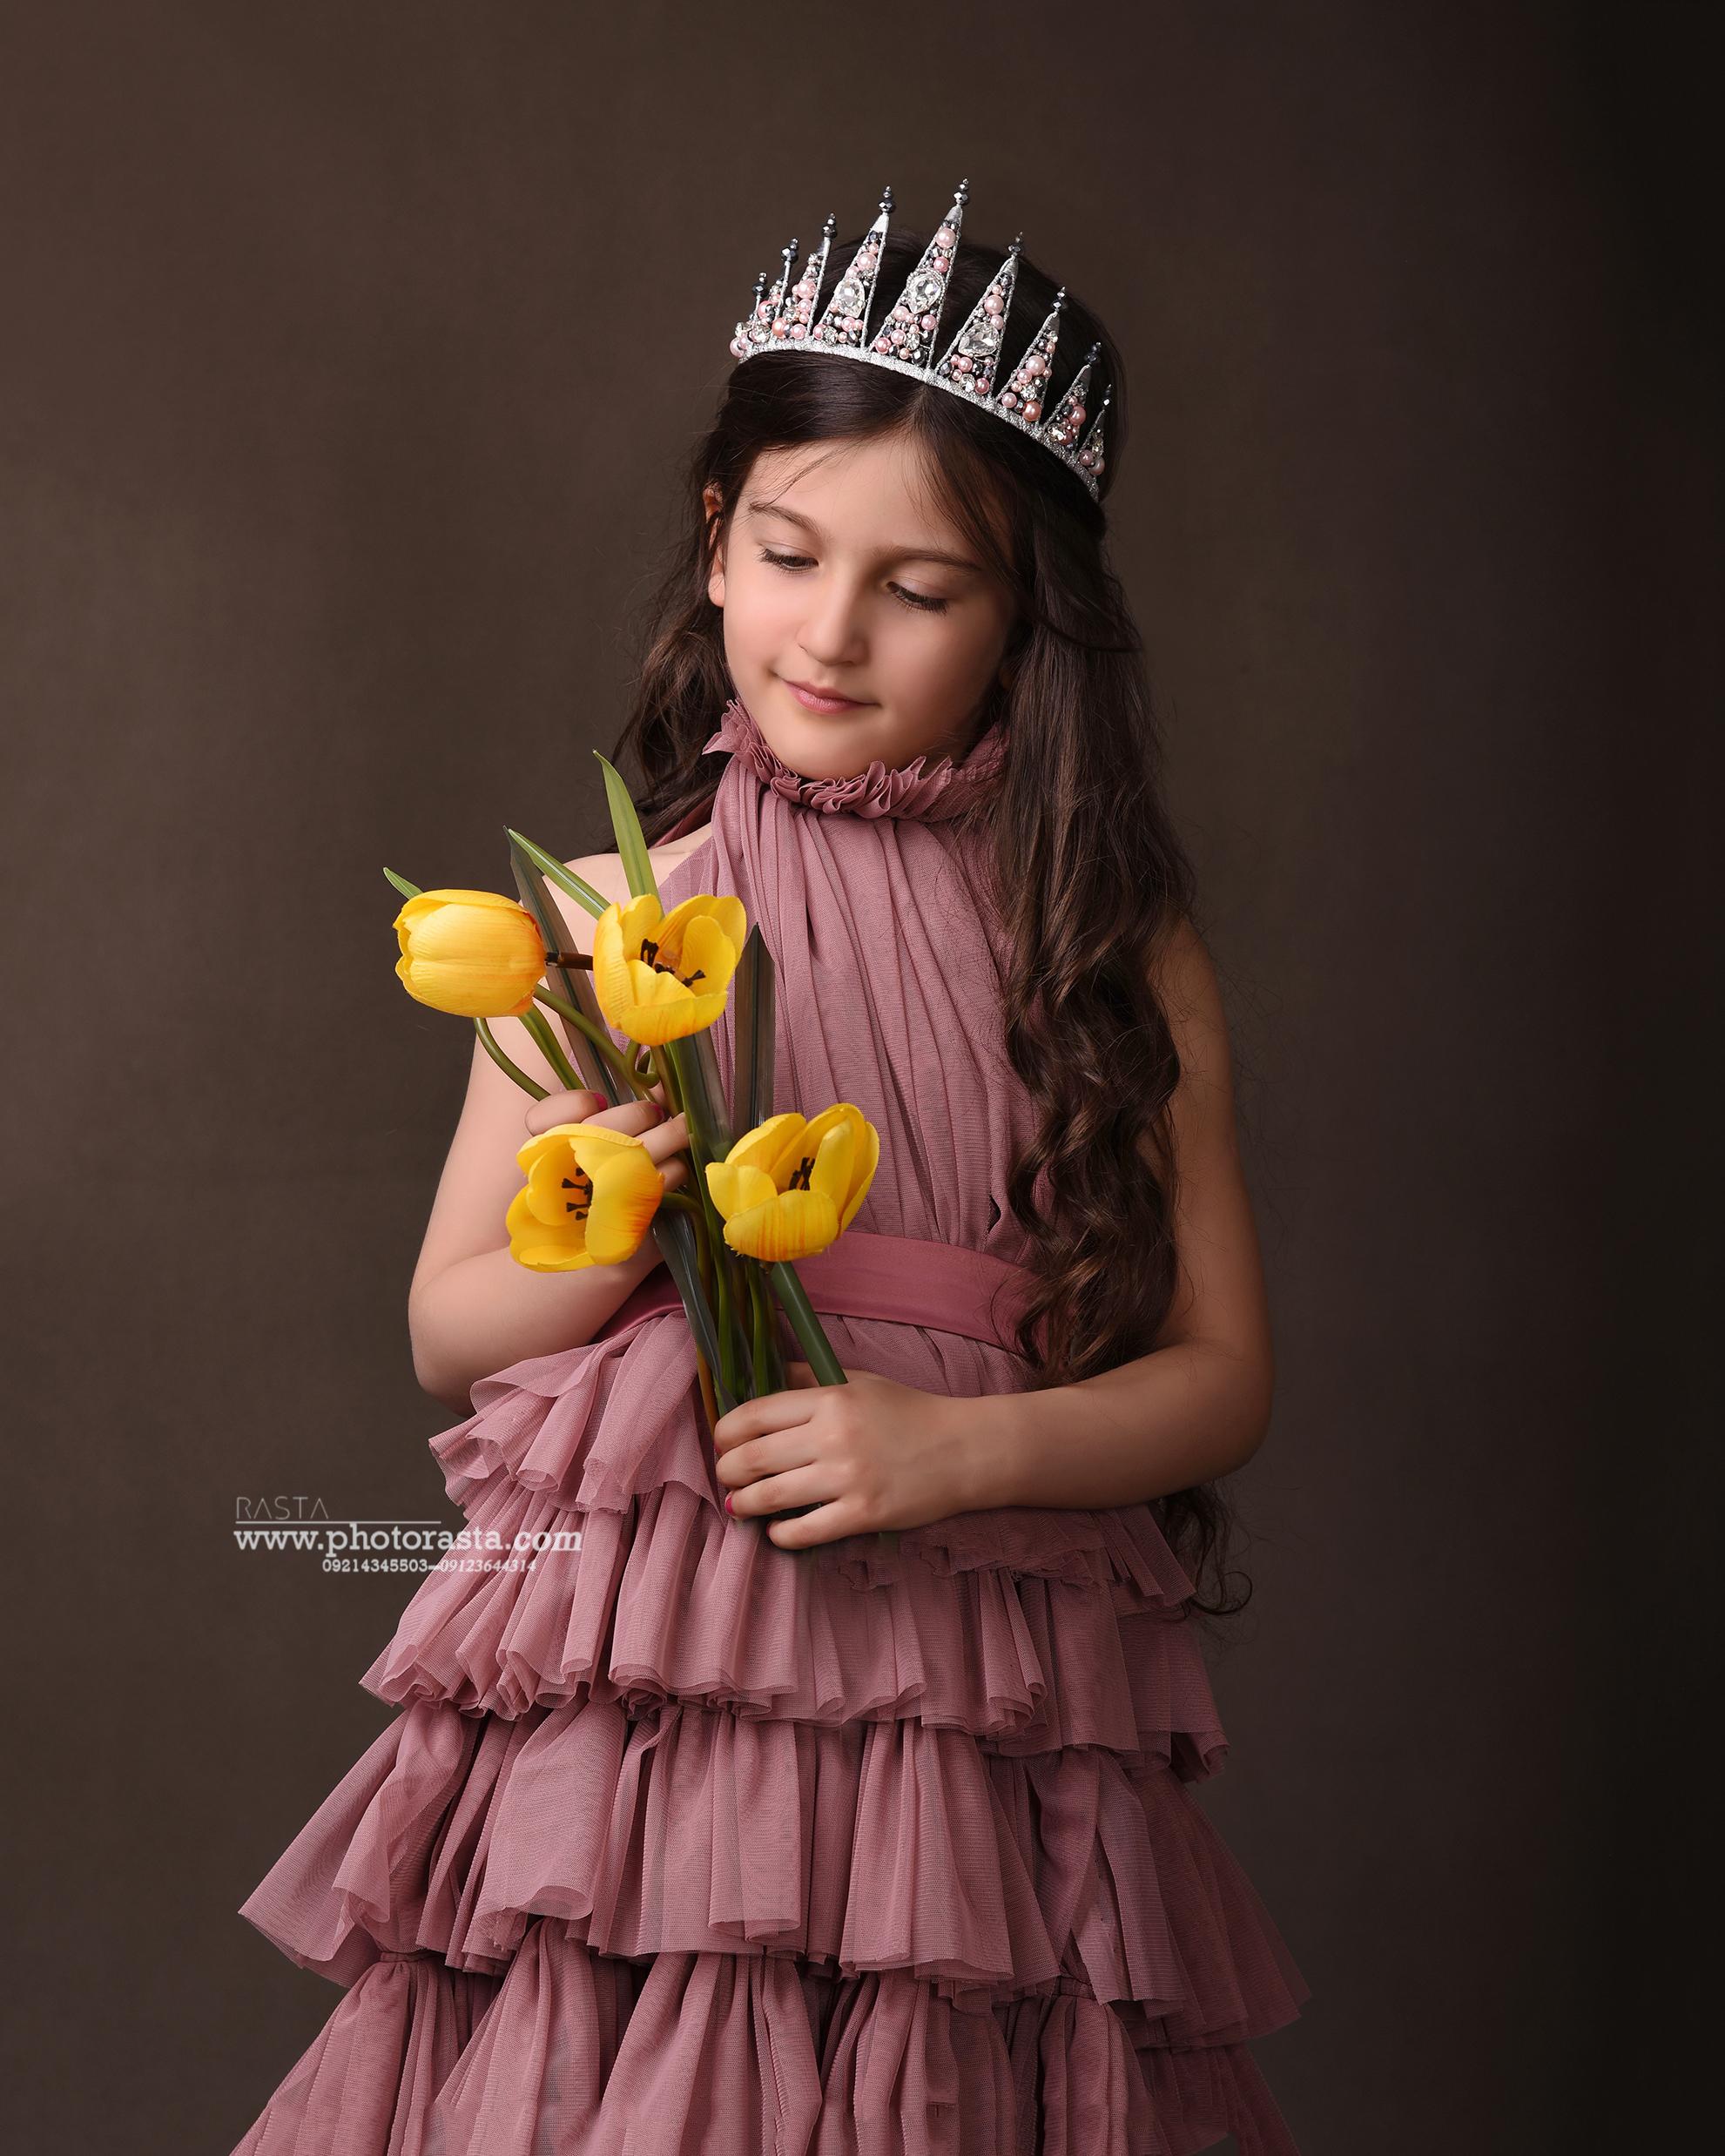 نمونه کار کودک با تم ملکه